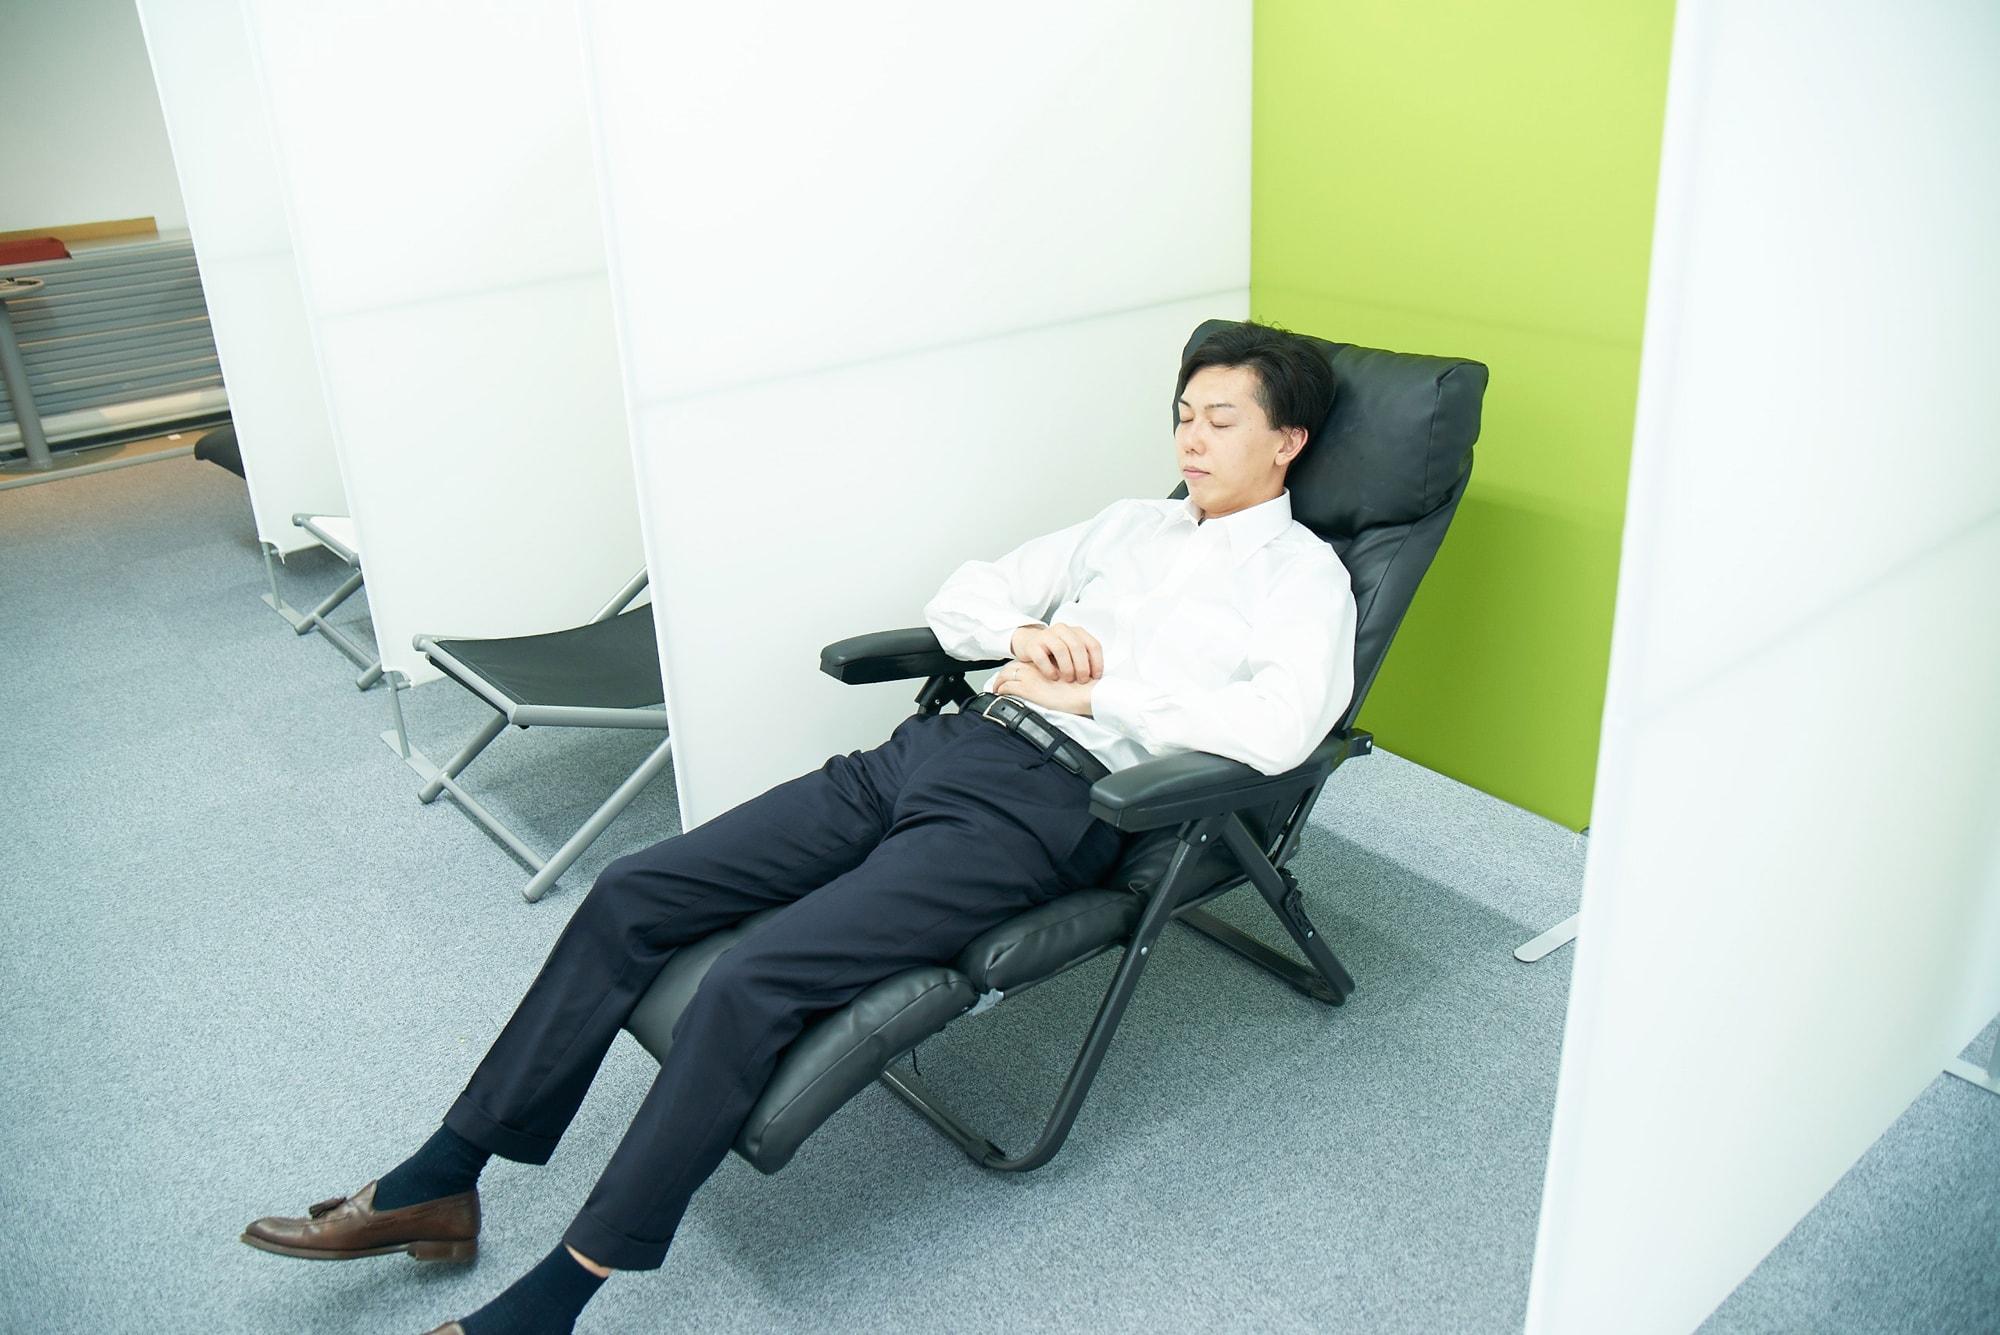 赤坂事務所の各フロアにある「仮眠スペース」。ここで1日30分以内の仮眠がとれます。フル回転させた頭に休息は必要。メリハリつけて頑張りましょう。